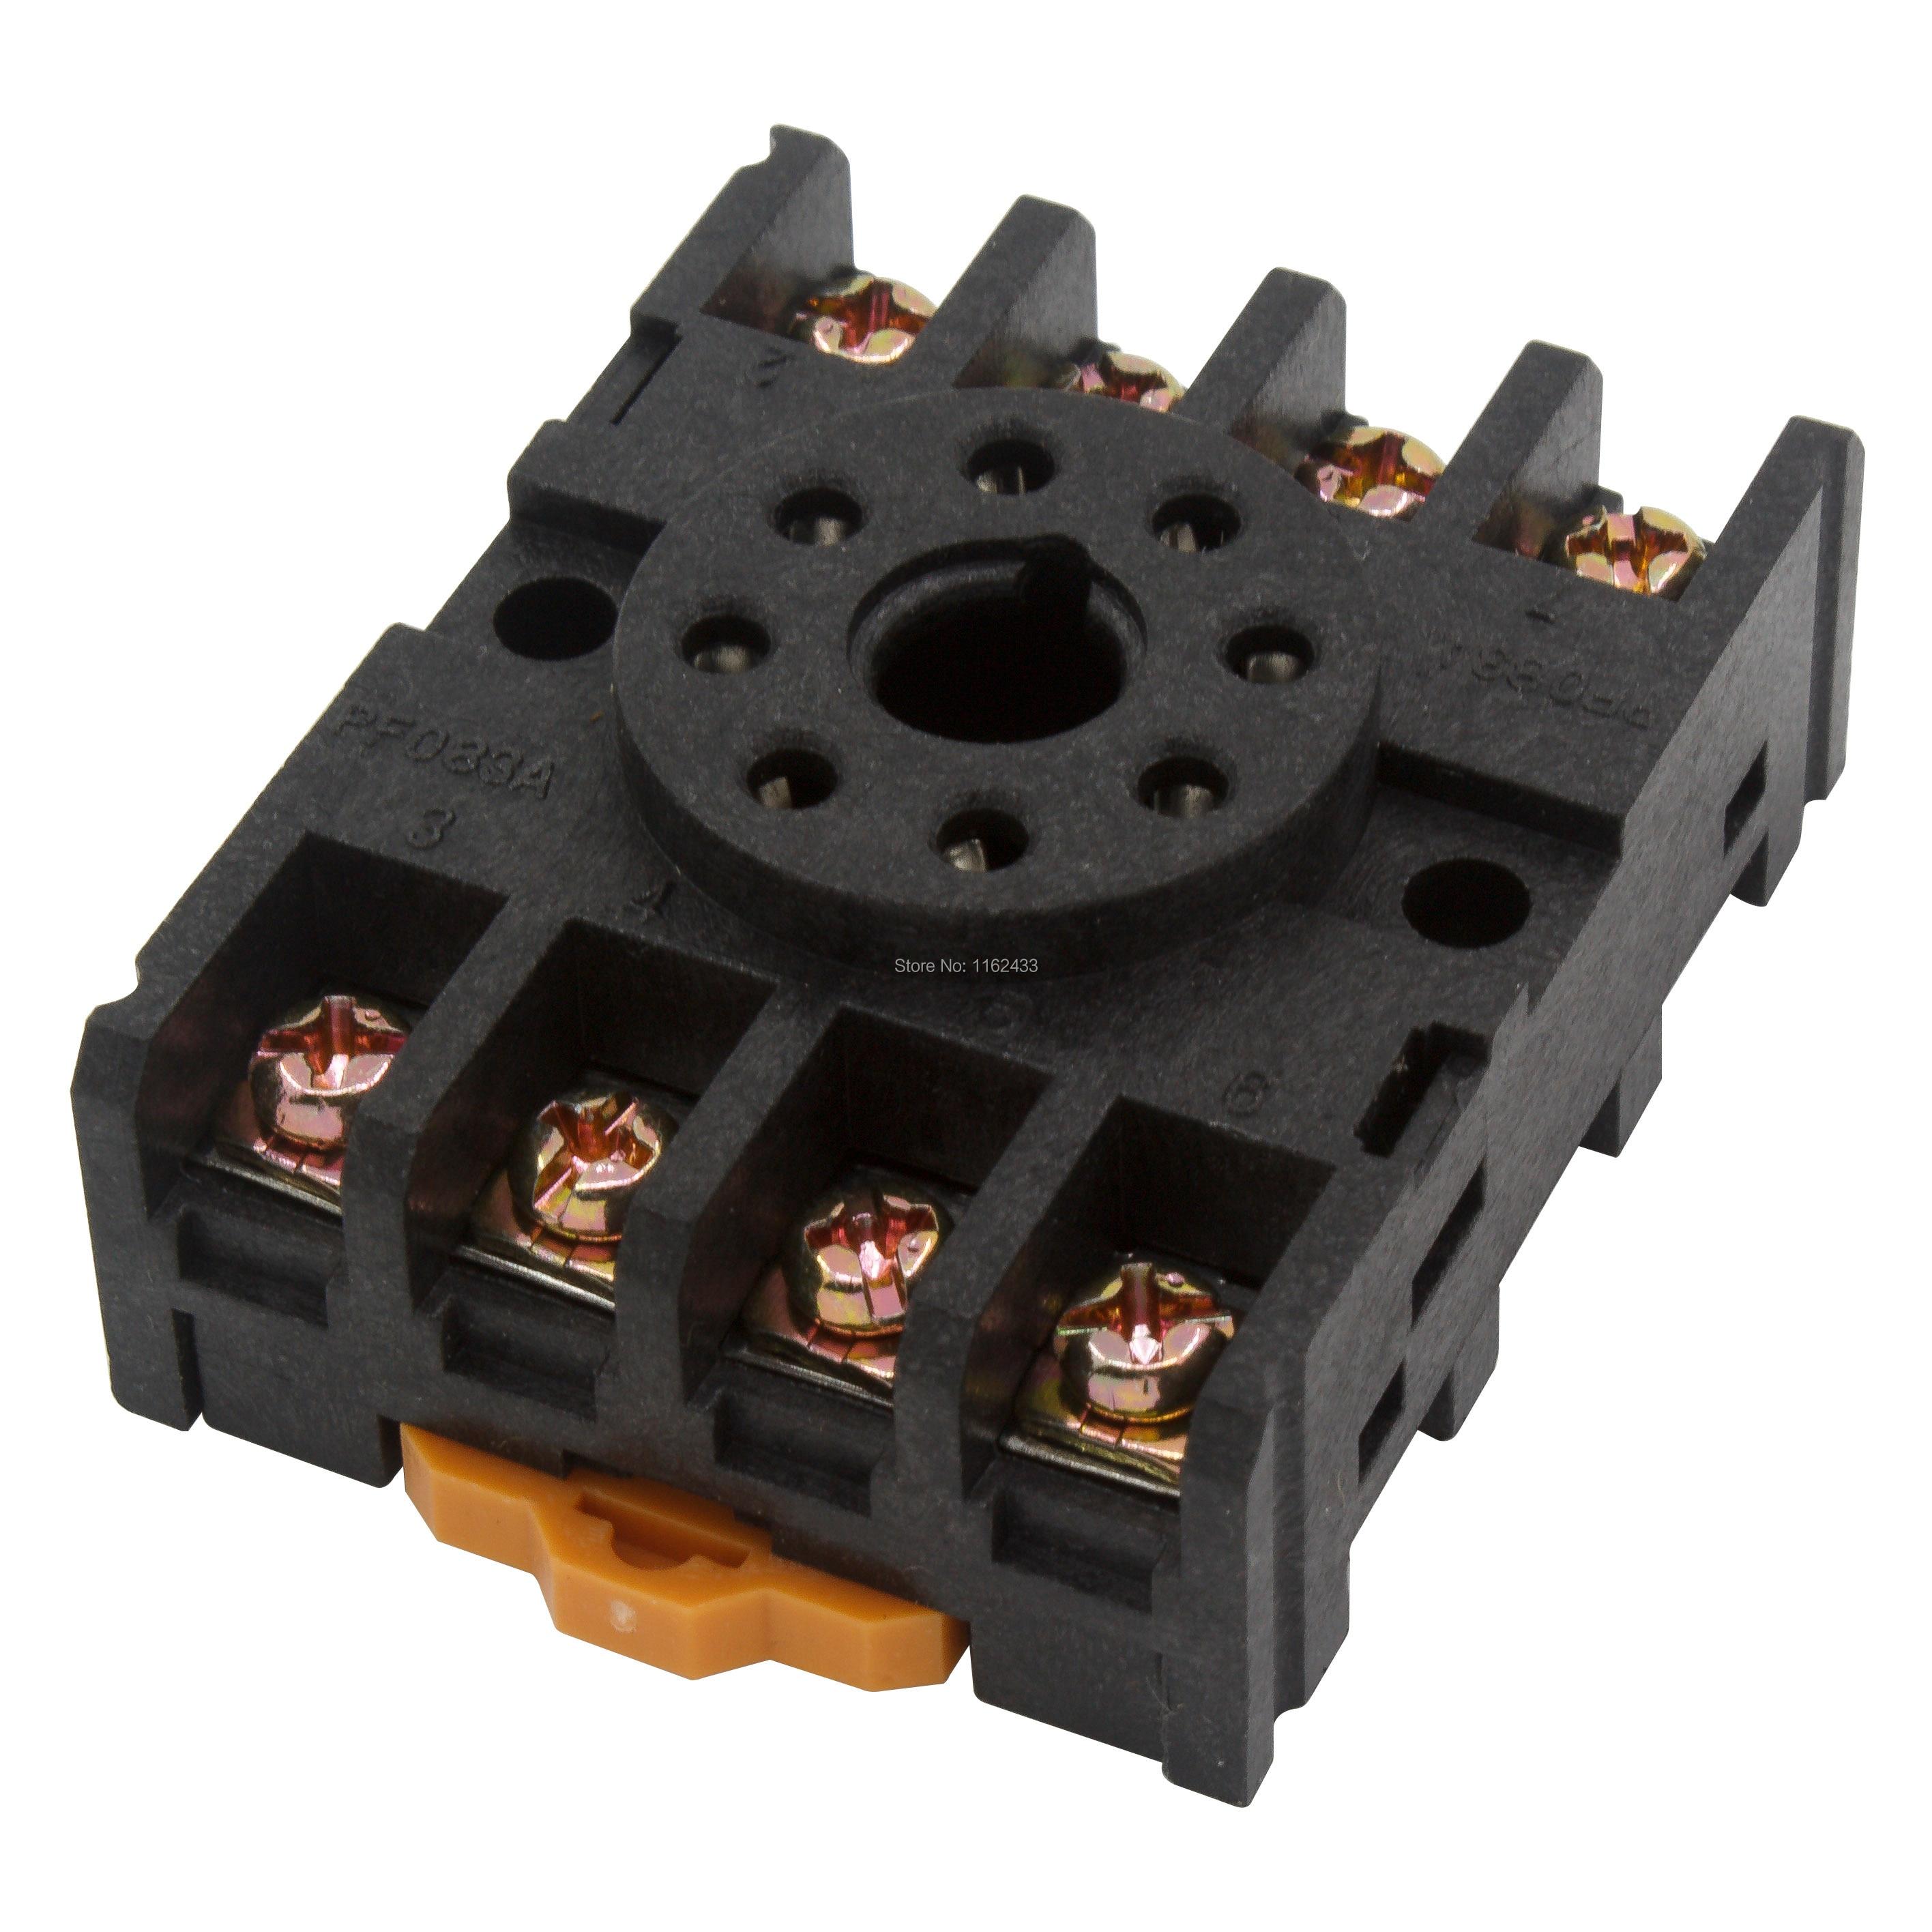 pf083a 8 pin relay socket base for dh48s st3p ah3 3 mk2p jtx 2c [ 2832 x 2832 Pixel ]